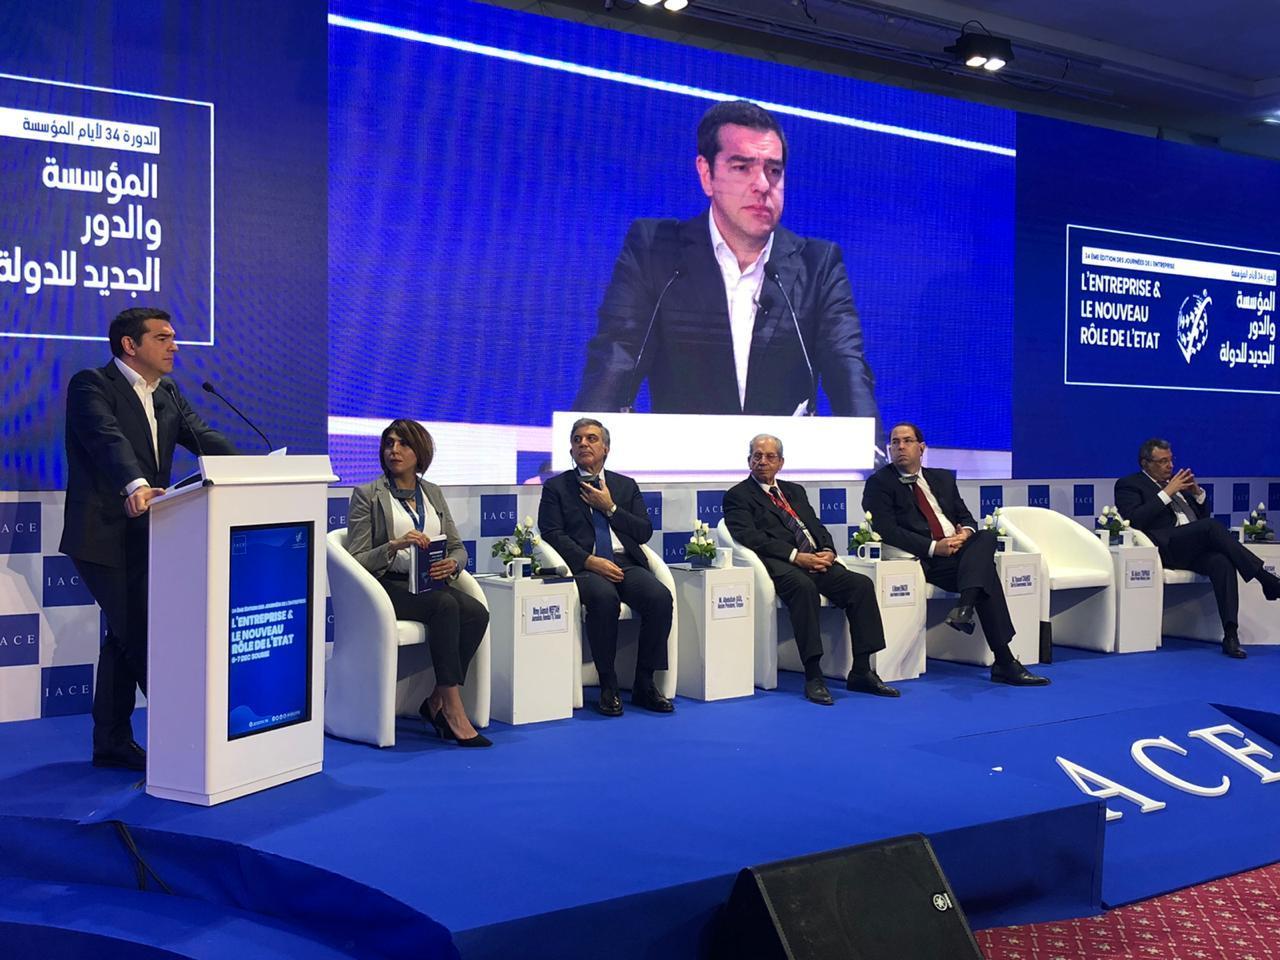 Τα μηνύματα Τσίπρα στην Άγκυρα από την Τυνησία και η συνάντηση με τον Abdullah Gül